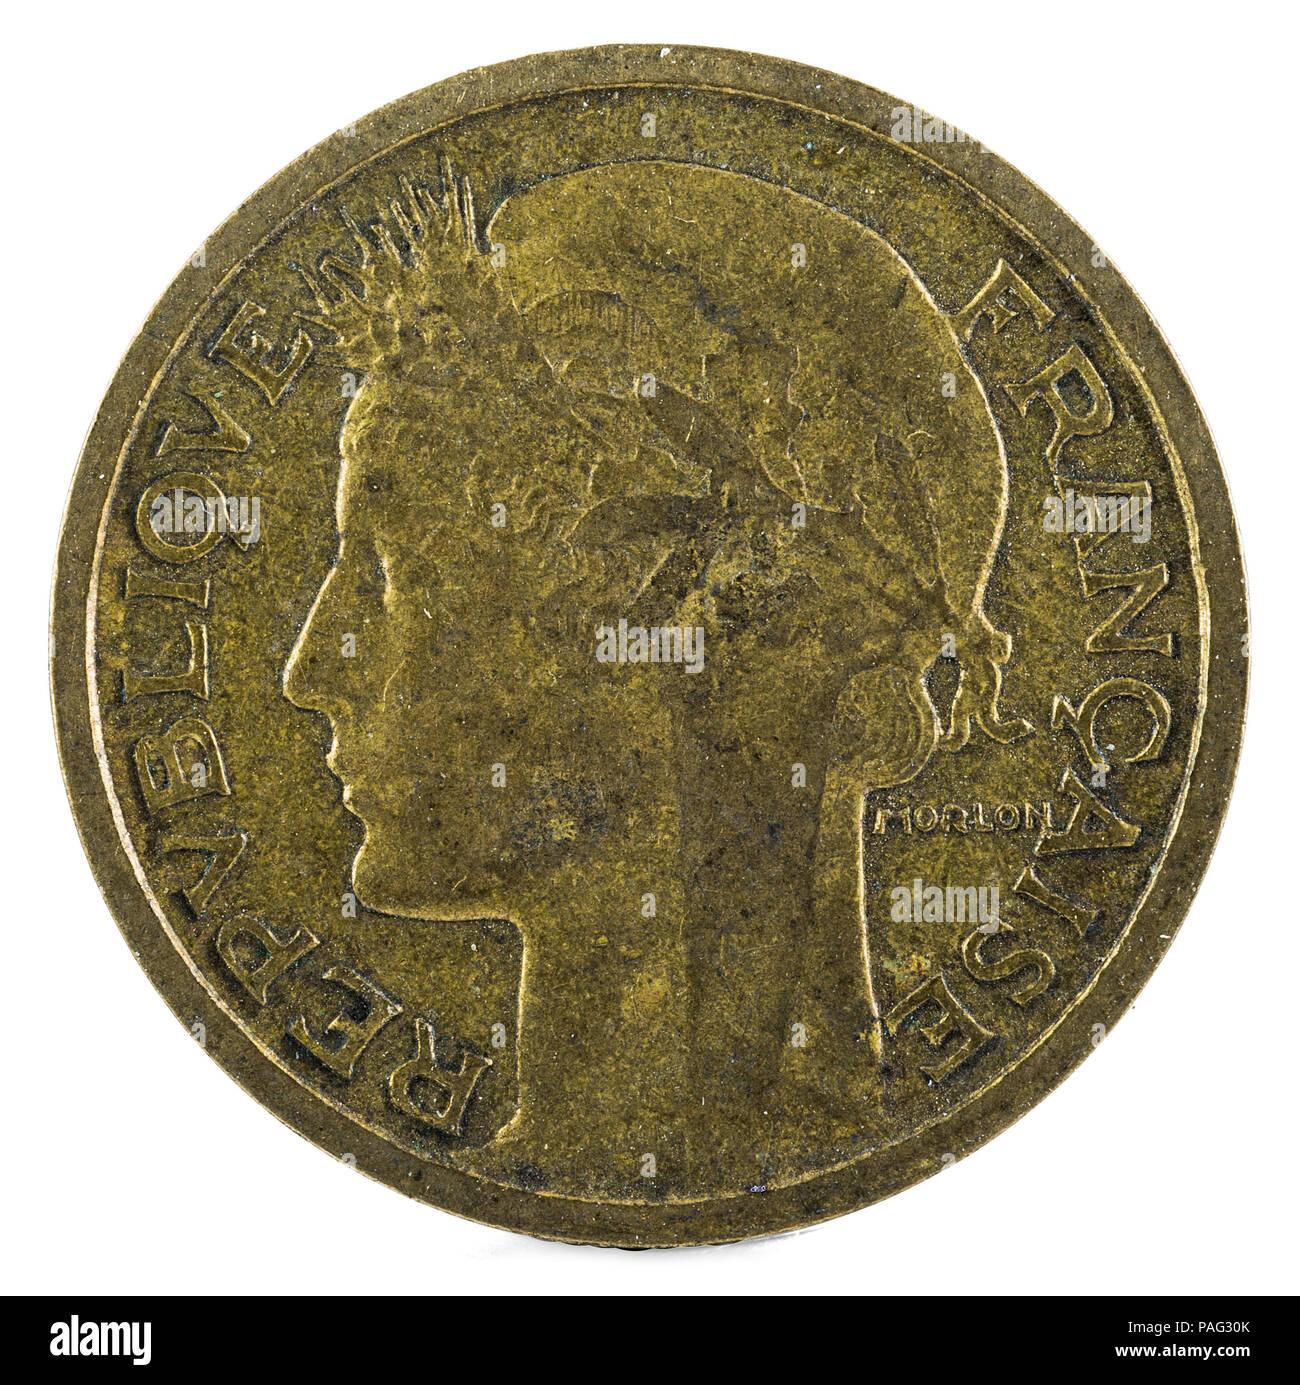 Alte Französische Münze 50 Centimen 1938 Vorderseite Stockfoto